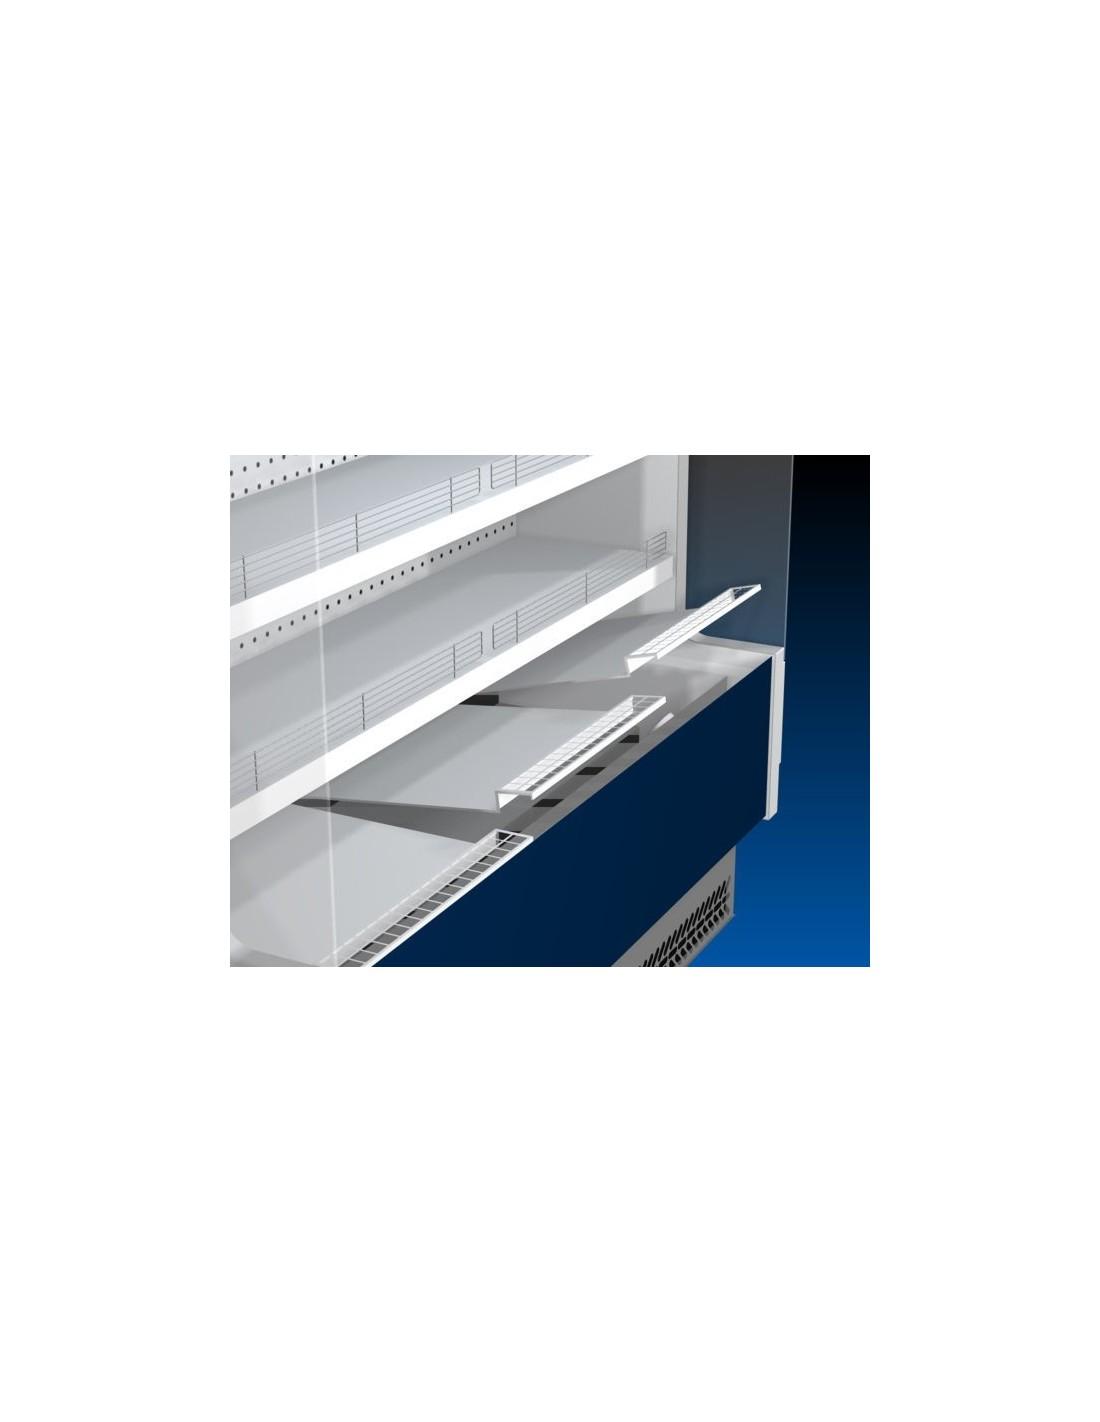 espositore refrigerato verticale vulcano 80 sl inox per salumi e latticini. Black Bedroom Furniture Sets. Home Design Ideas